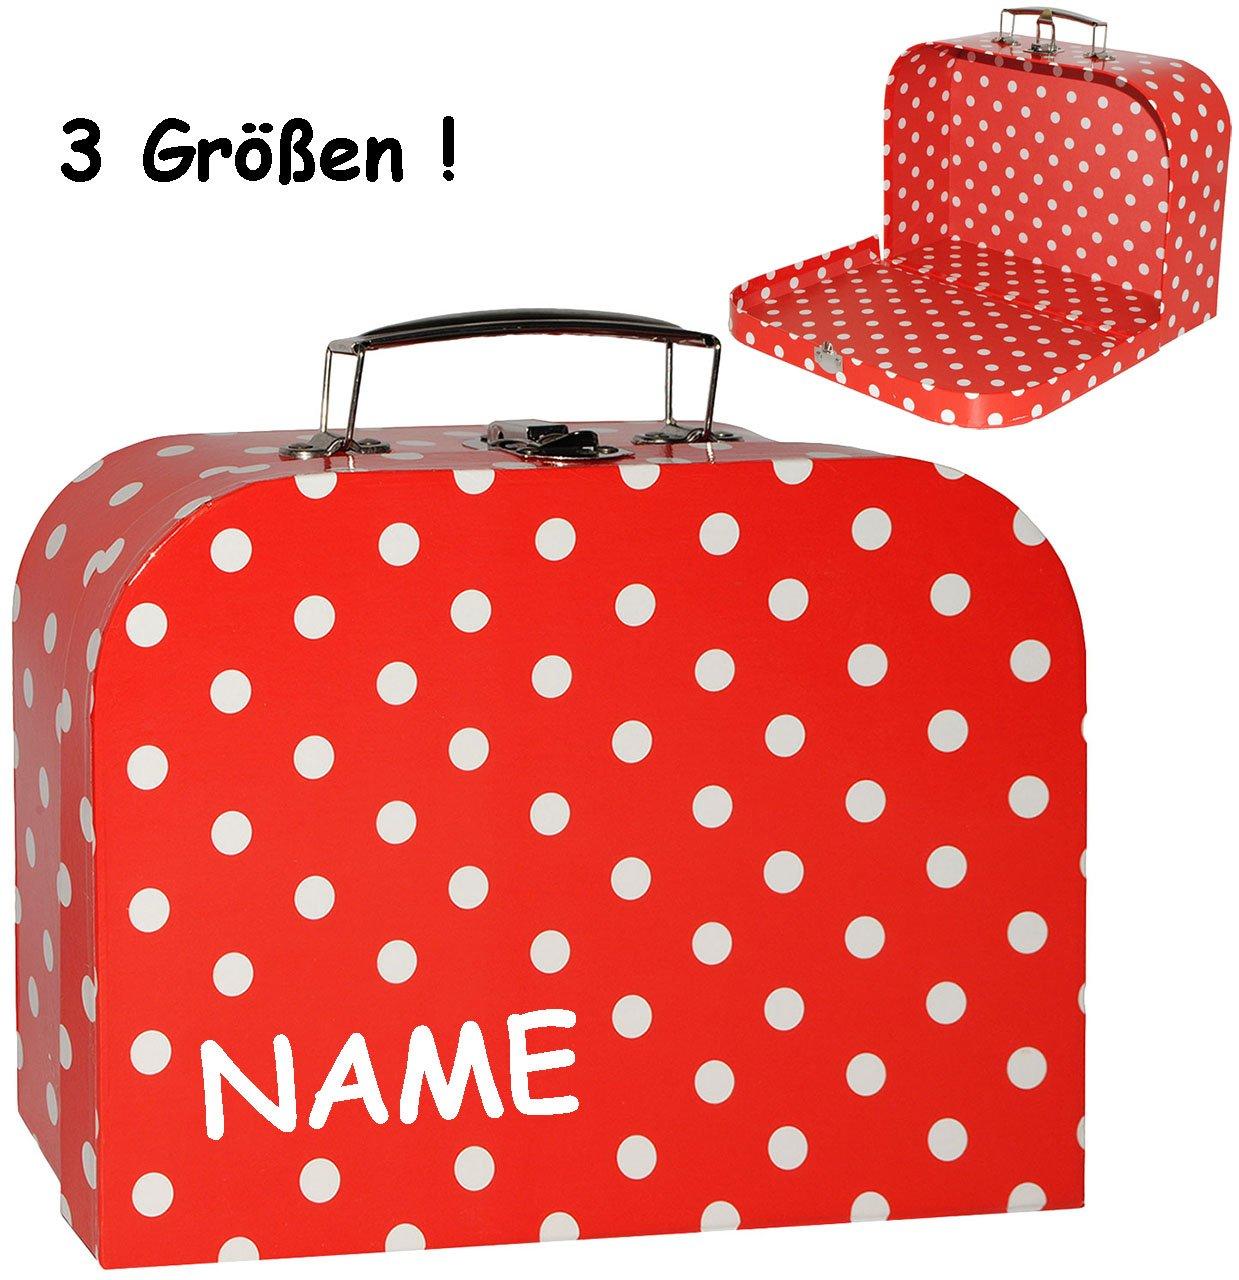 incl ideal für Spielzeug und als Geldgeschenk Name in 3 Verschiedenen Größen rot /& weiß alles-meine.de GmbH 3 Stück /_ Koffer // Kinderkoffer Punkte Mä.. Kofferset